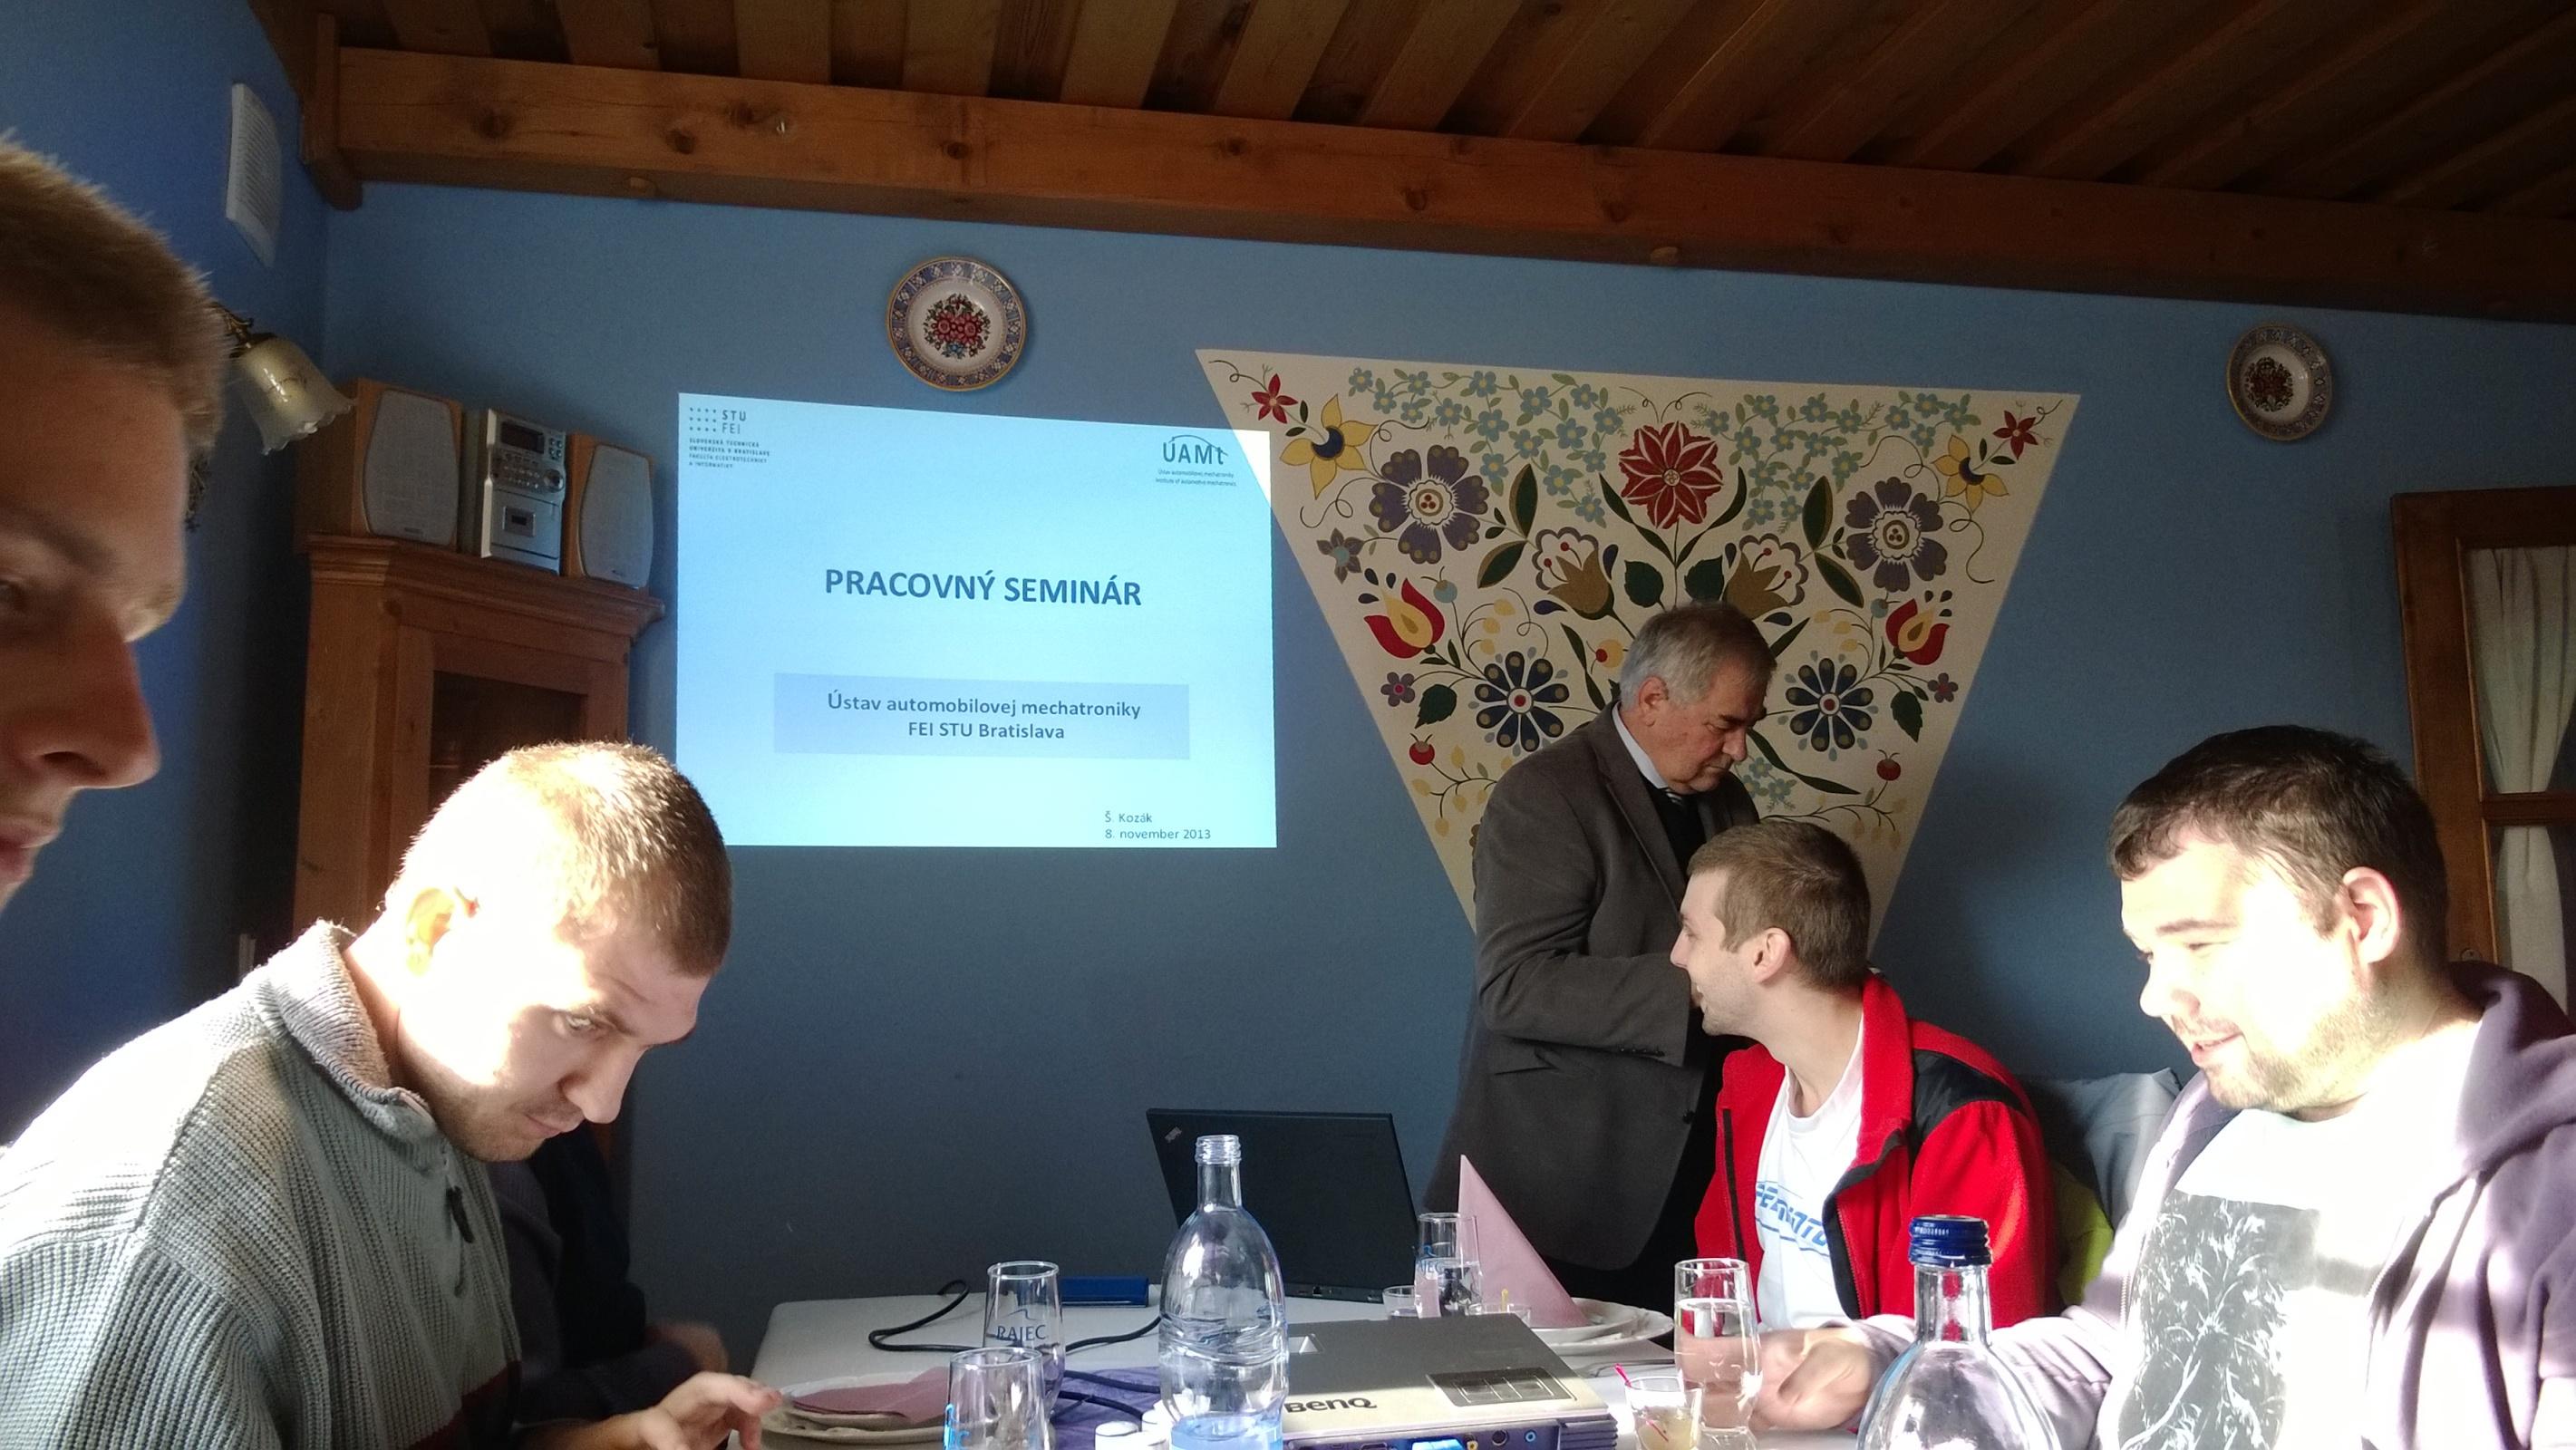 Pracovný seminár (8.11.2013)